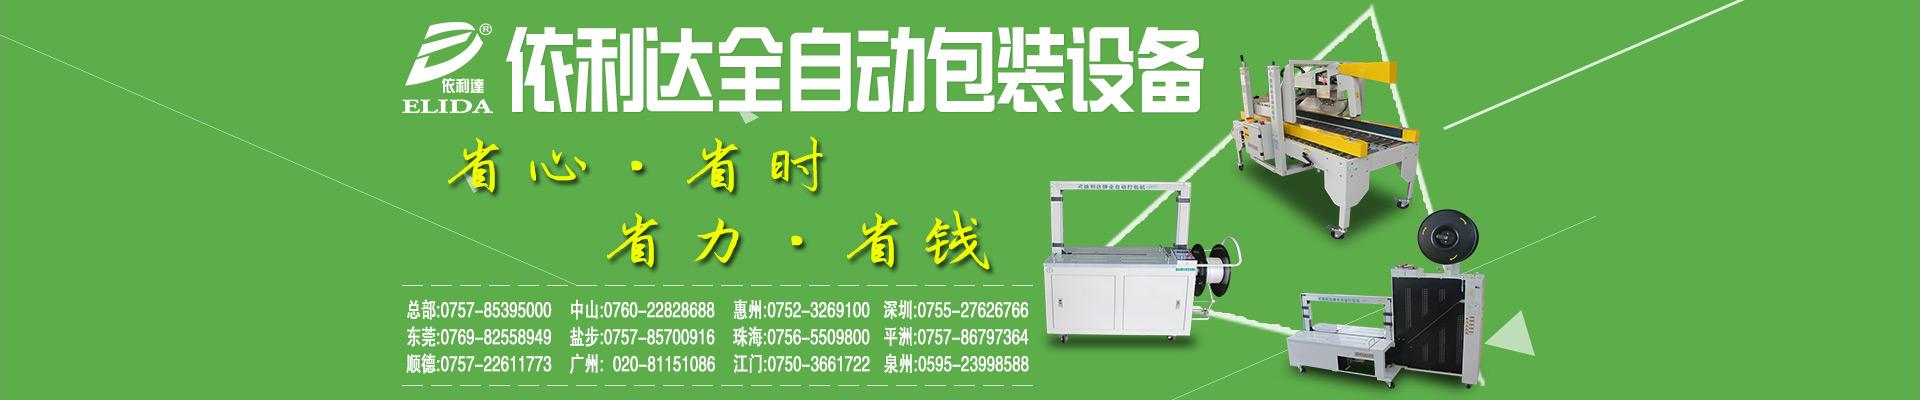 依利达智能包装设备(广东)有限公司